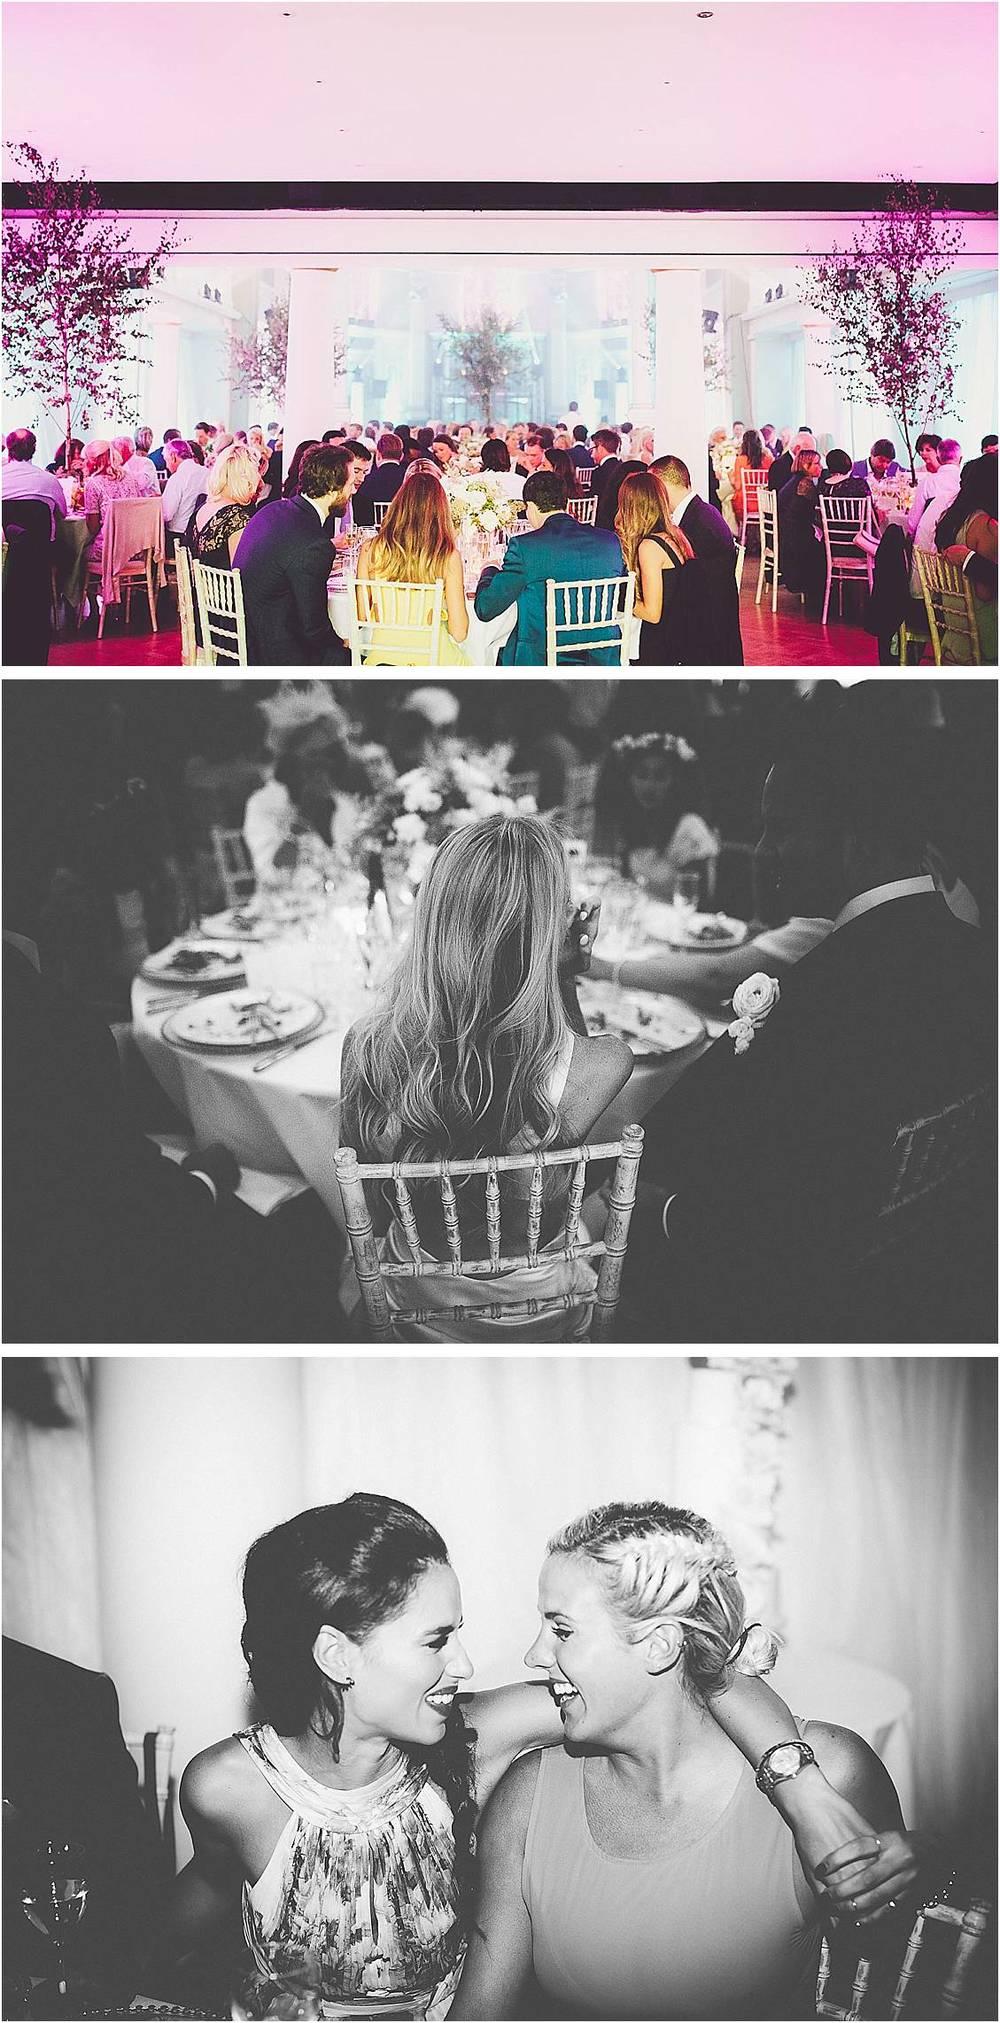 Boud_FionaclairPhotography_OneMarlyebone_Blog-240.jpg